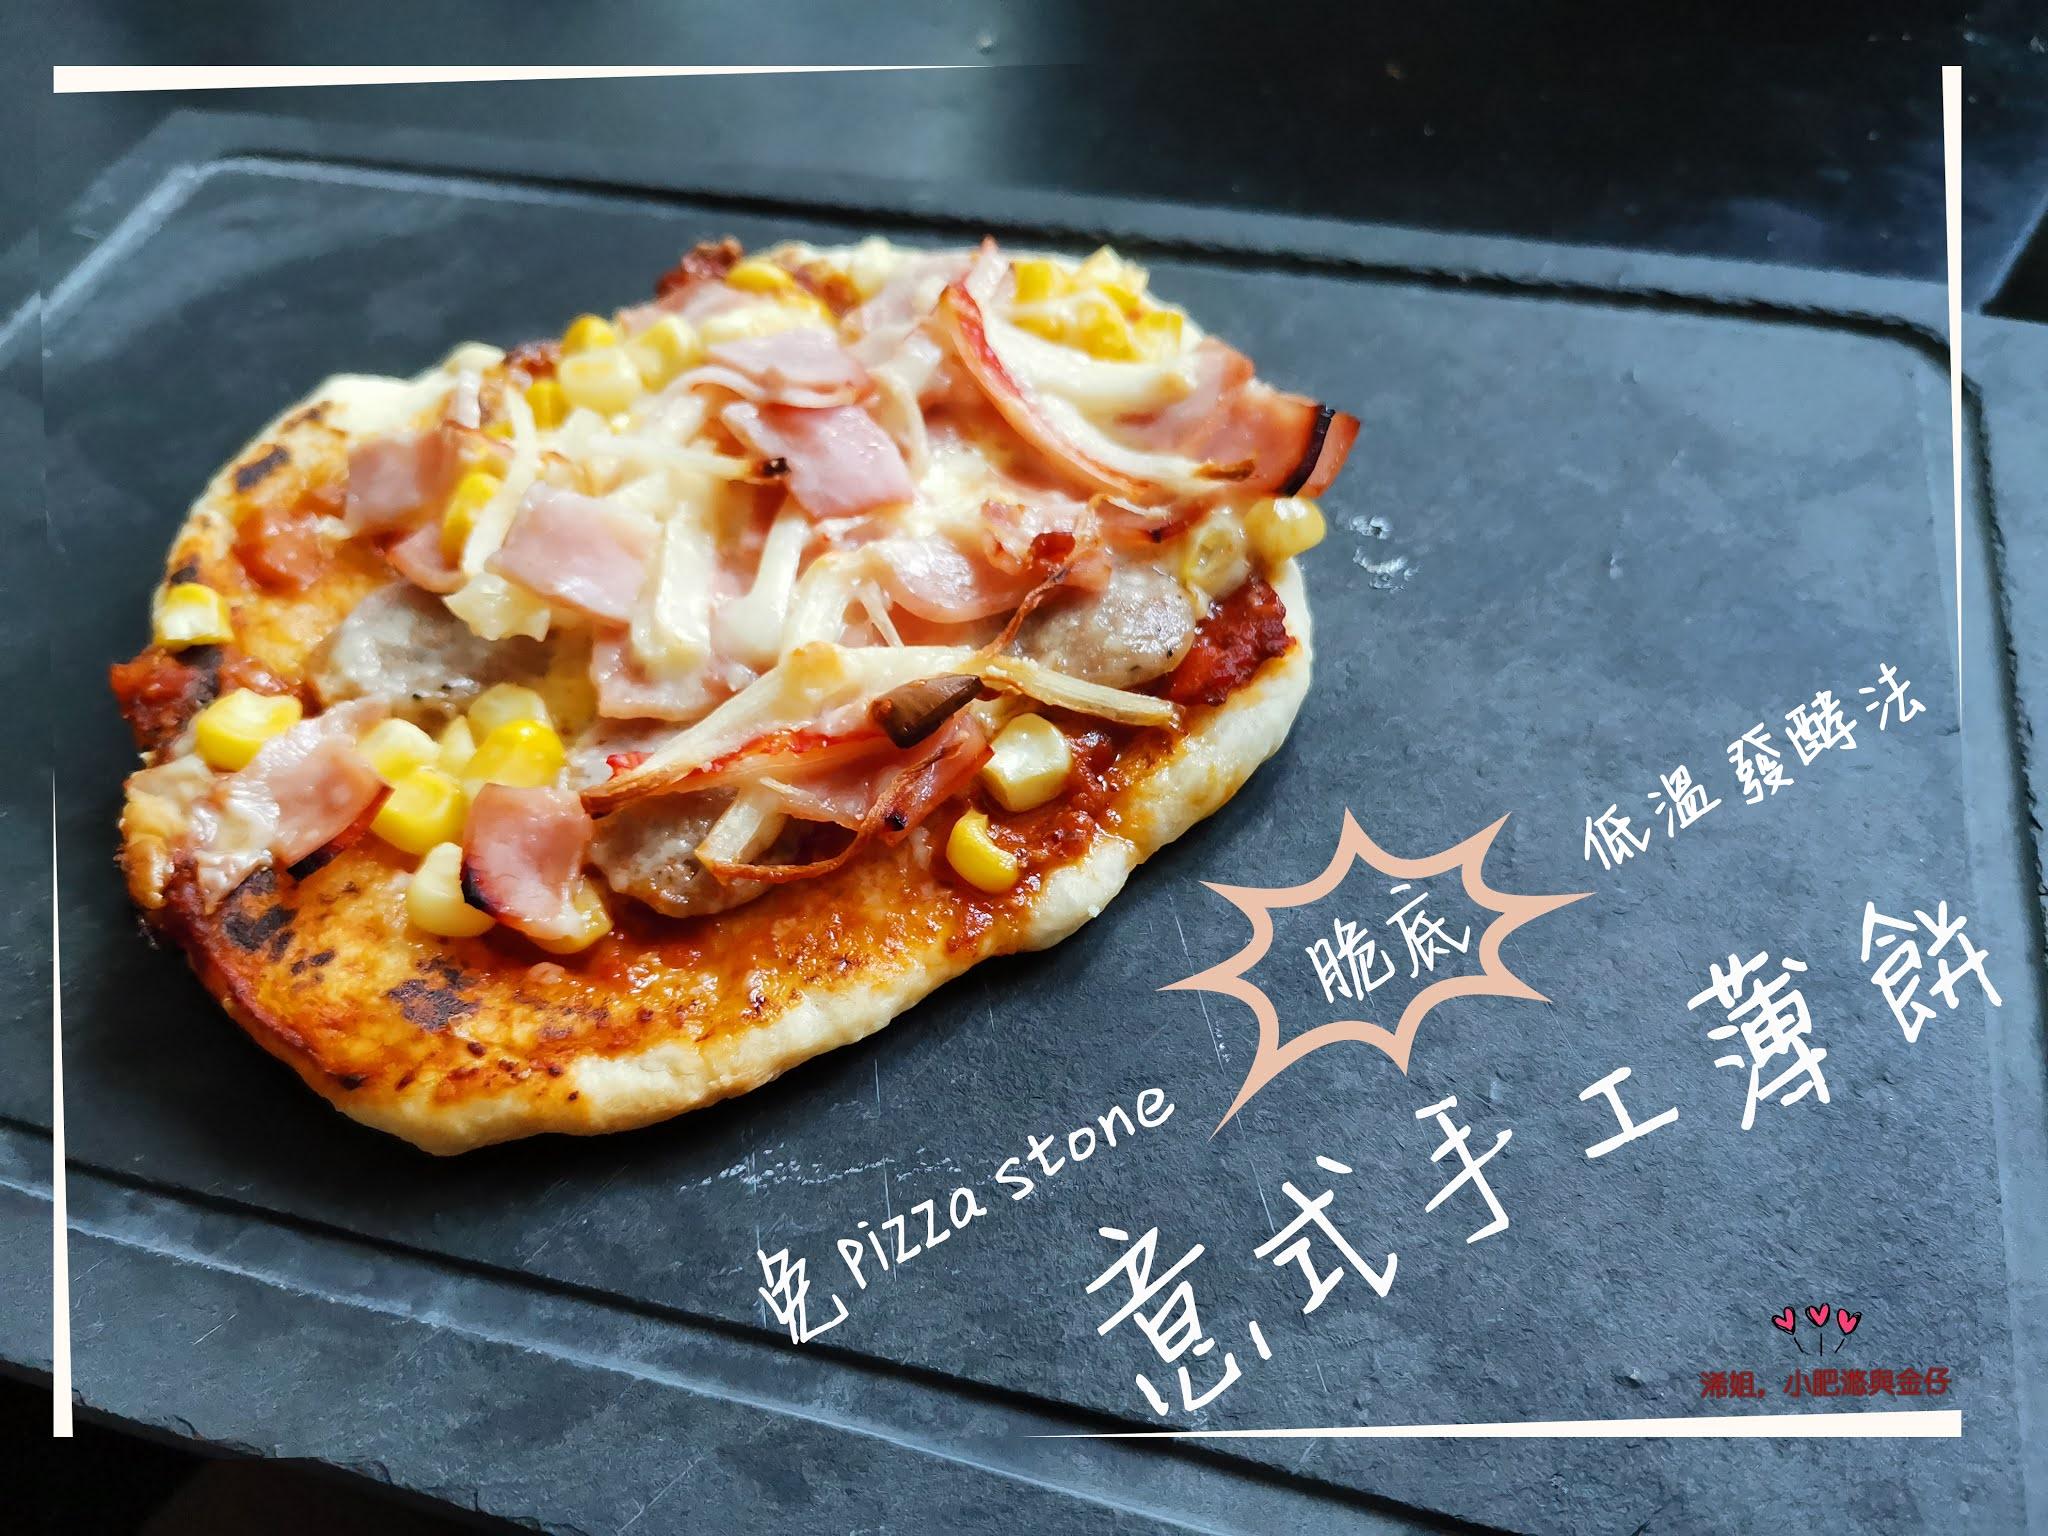 親子DIY意式香脆pizza (低溫發酵法) - 浠姐,小肥滺與金仔